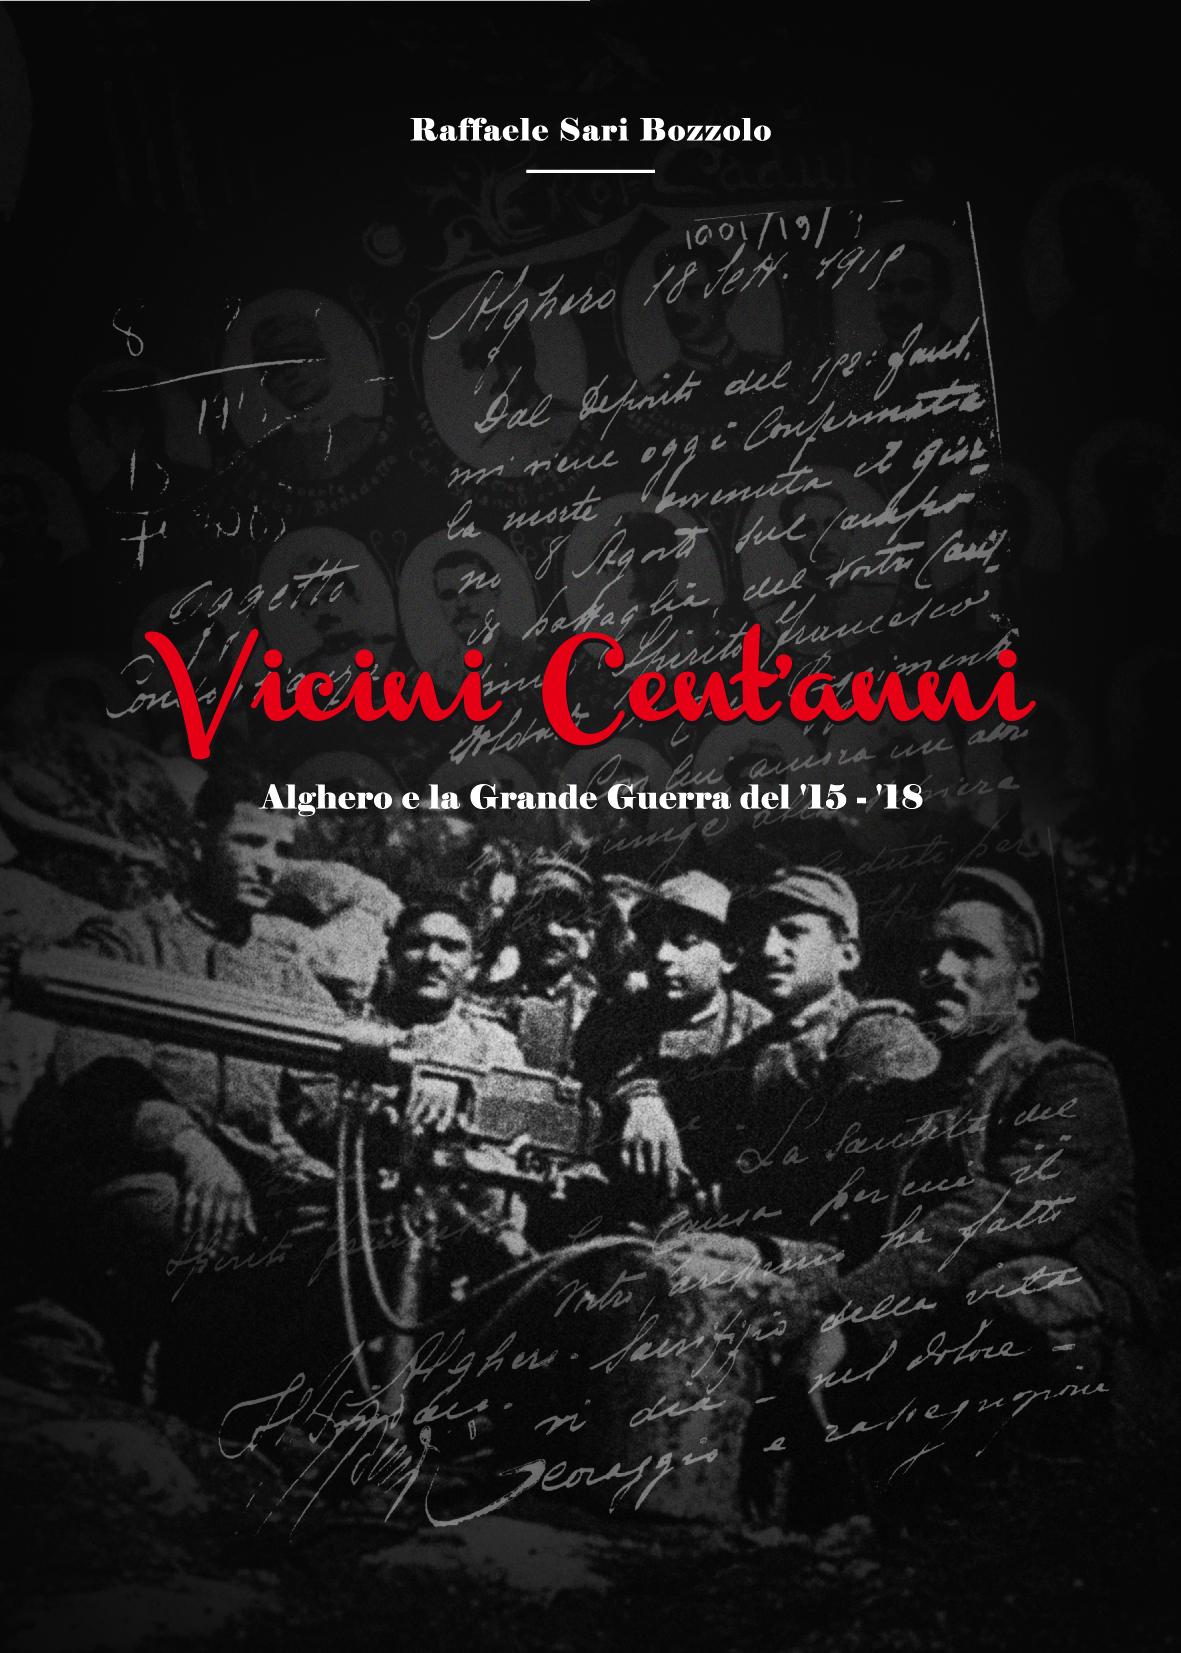 """""""Vicini cent'anni - Alghero e la Grande Guerra '15 - '18"""" sabato 7 febbraio 2015 conferenza stampa sul  lavoro di Raffaele Sari Bozzolo."""